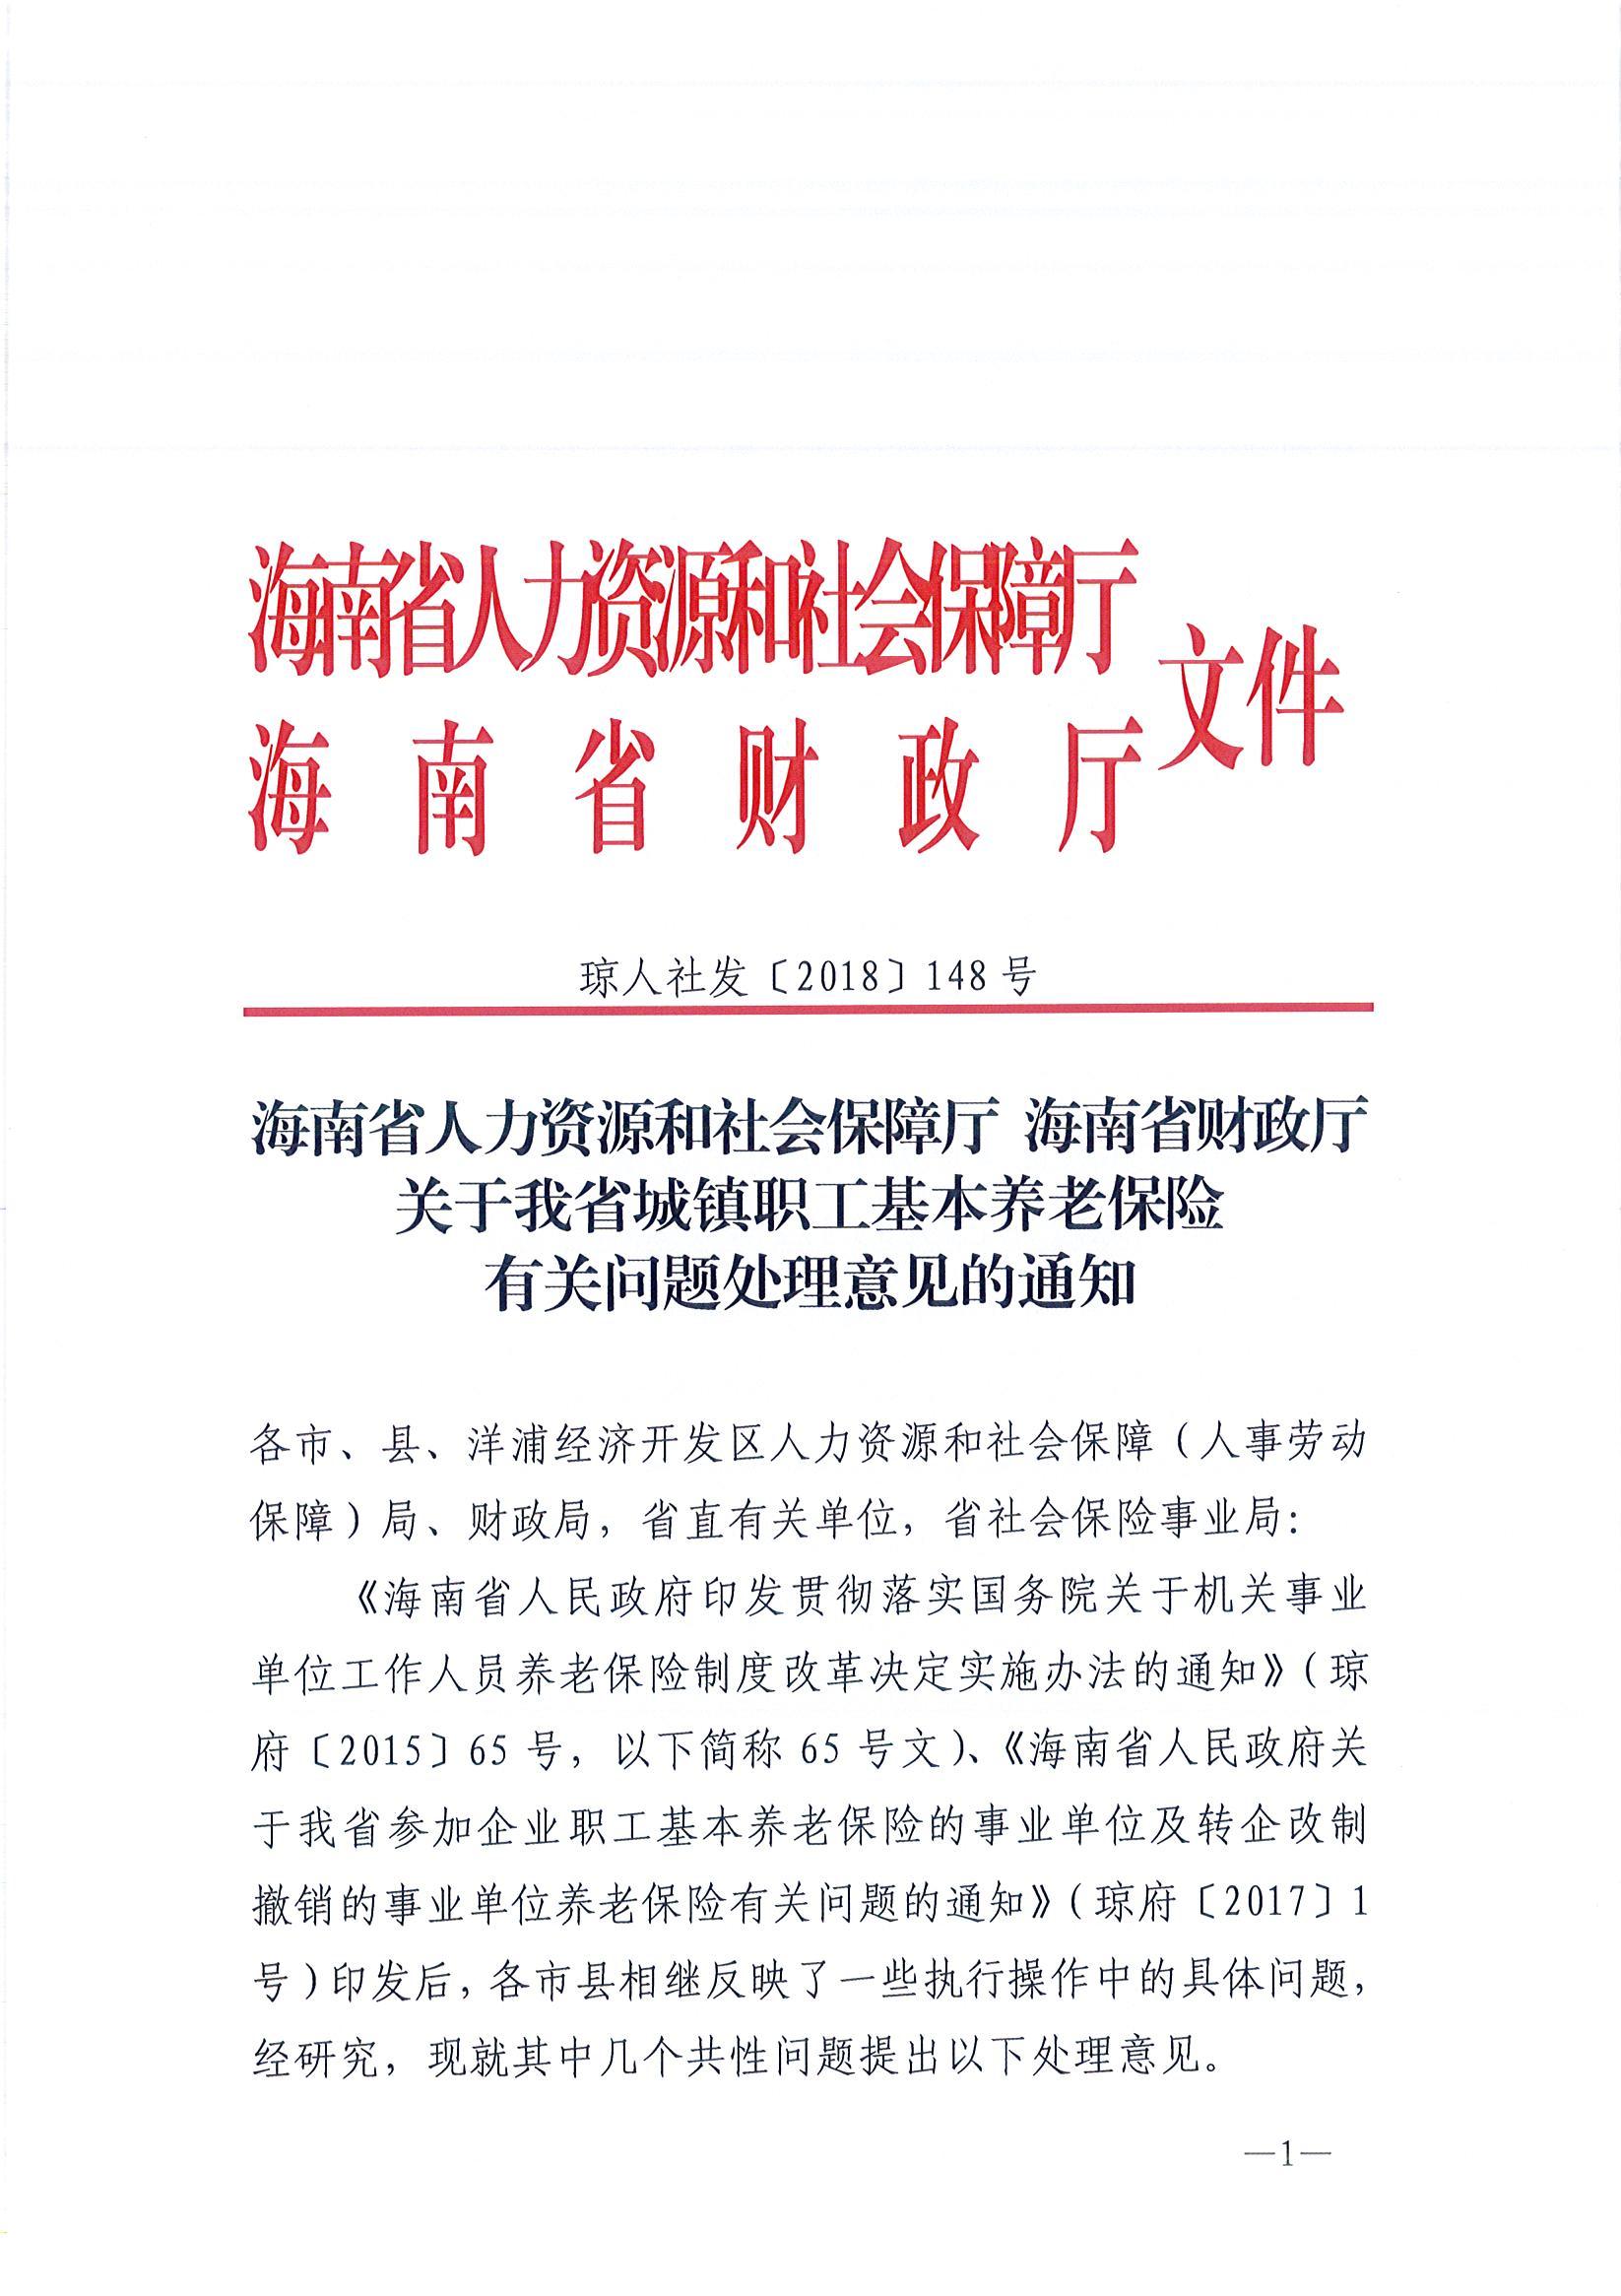 关于我省城镇职工基本养老保险有关问题处理意见的通知(琼人社发[2018]148号)